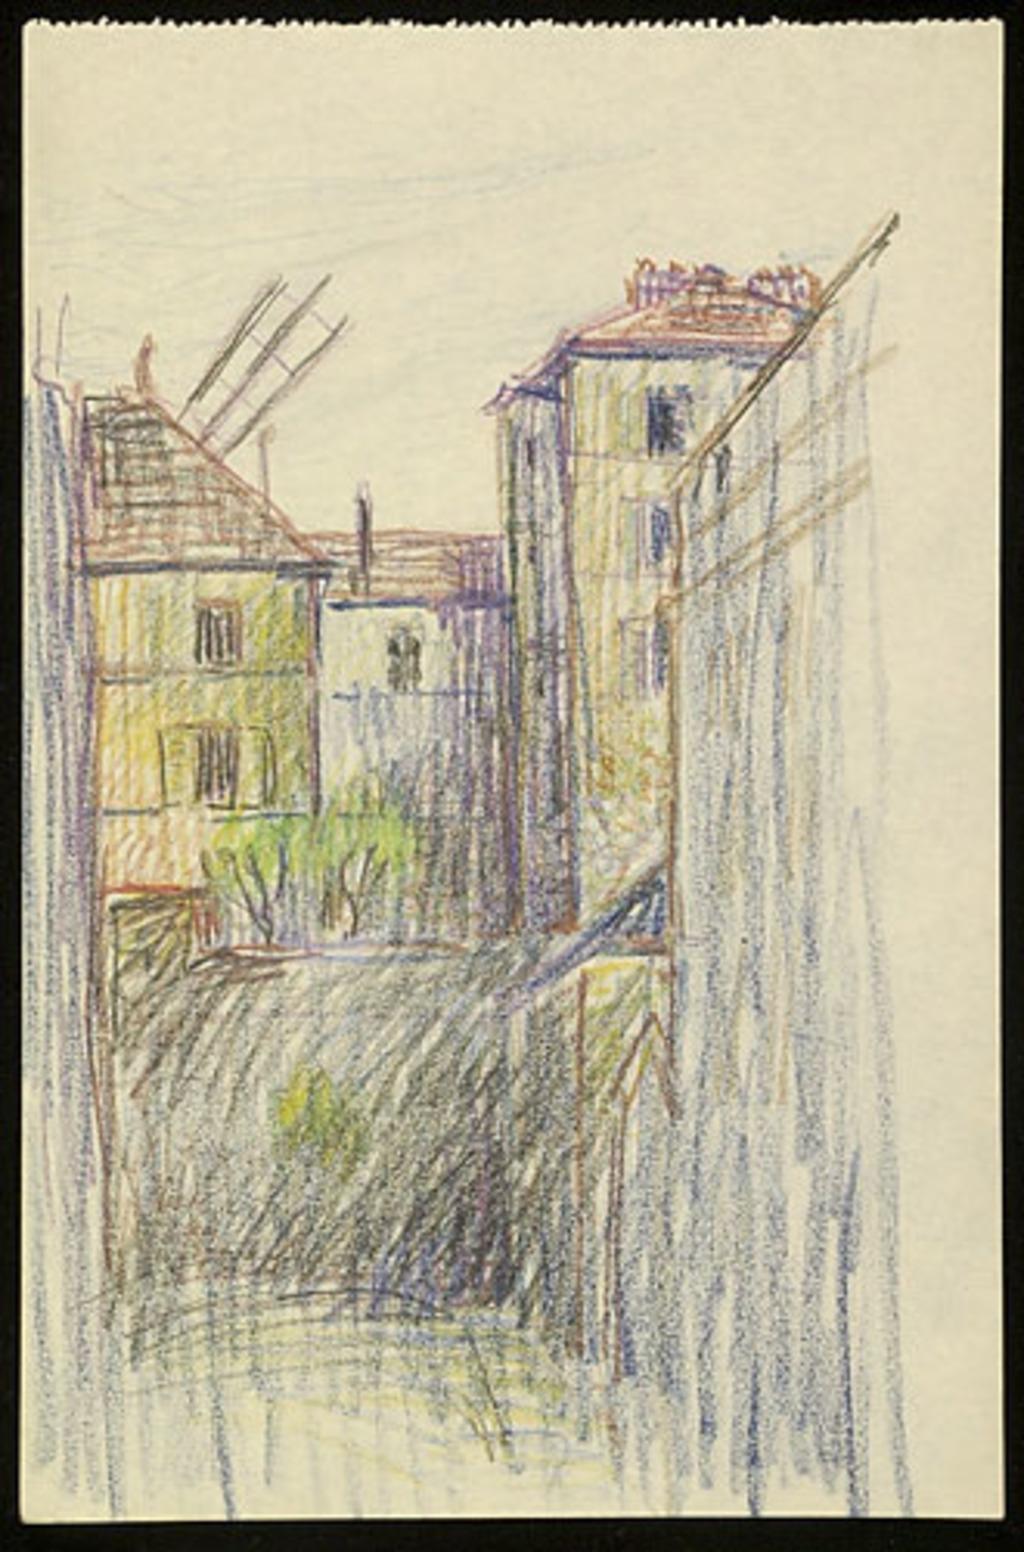 Paysage urbain avec palme de moulin à vent